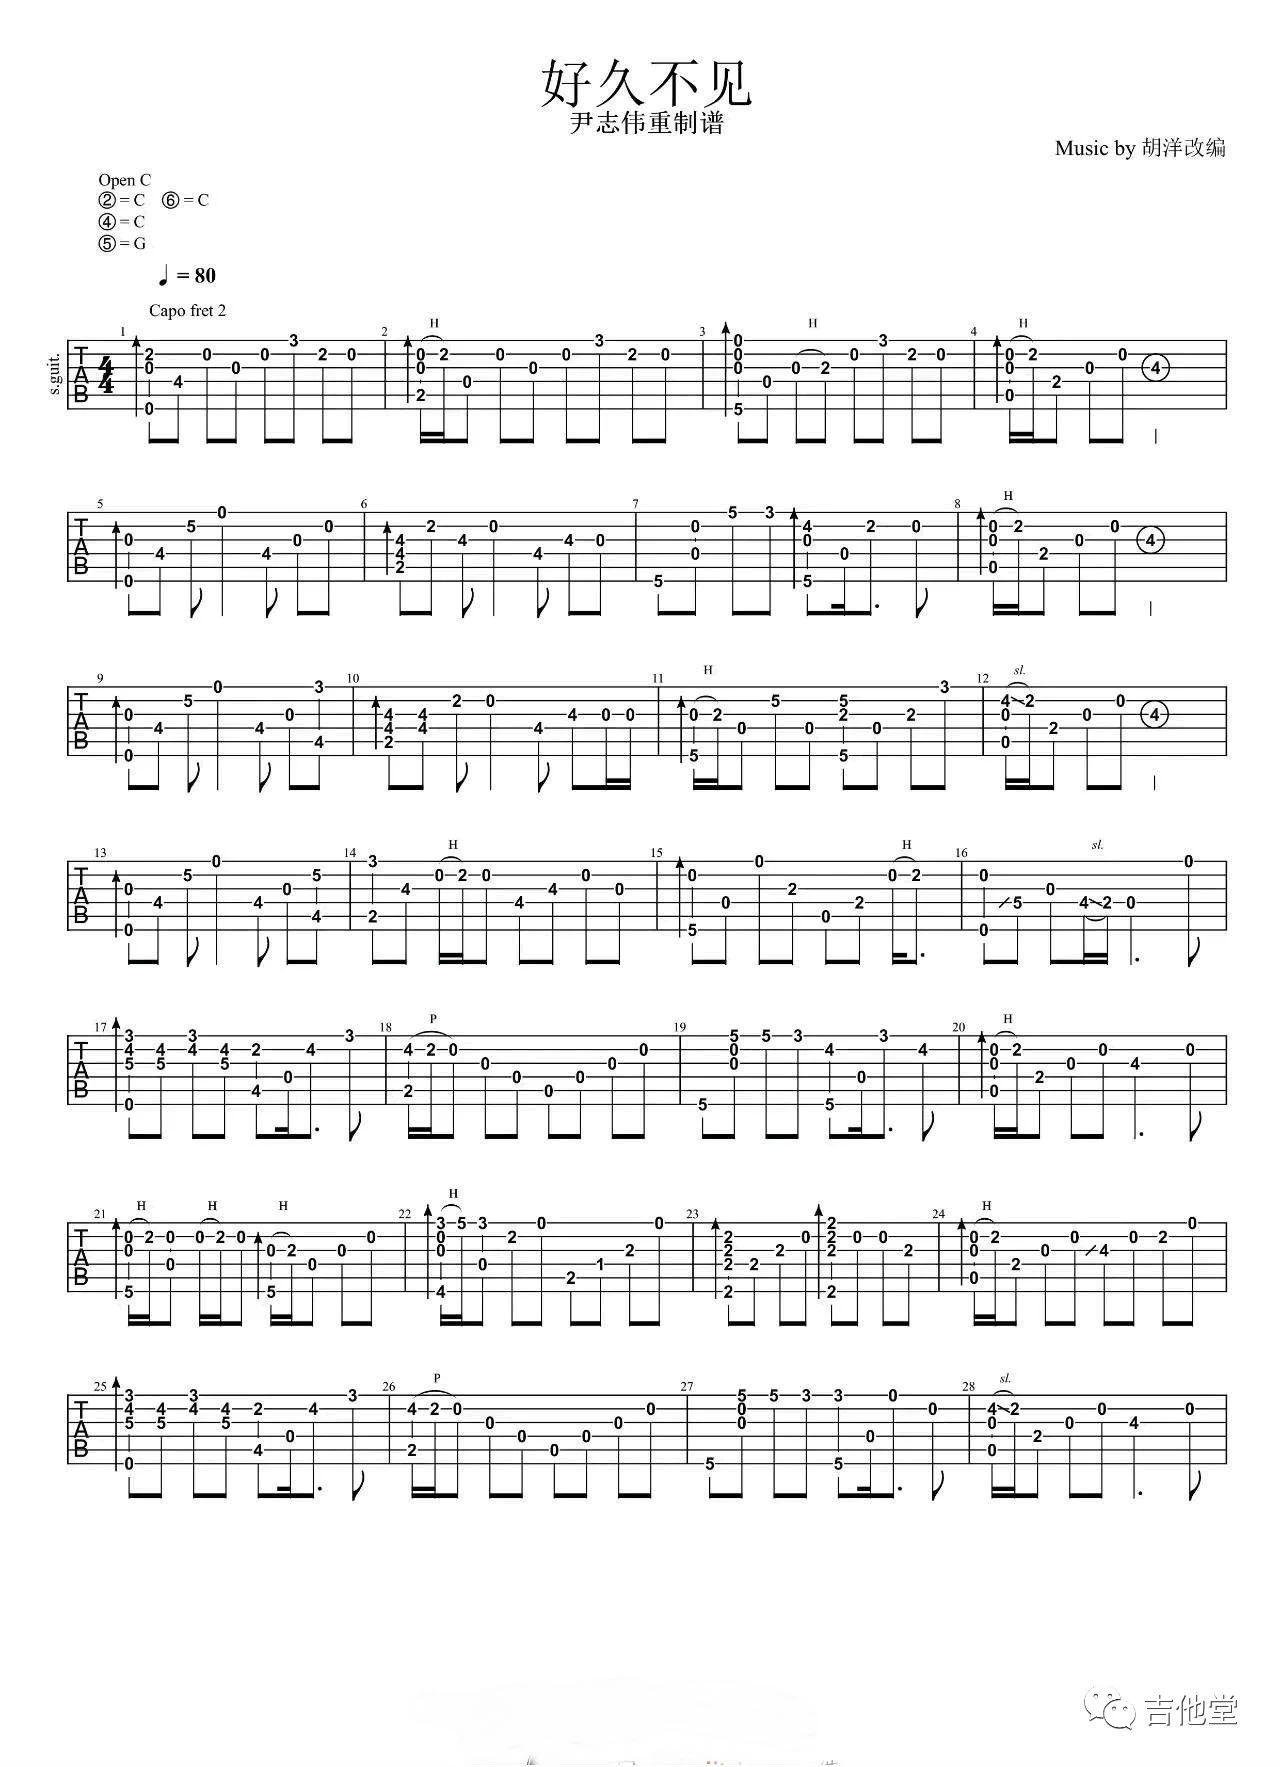 吉他派好久不见吉他谱-1